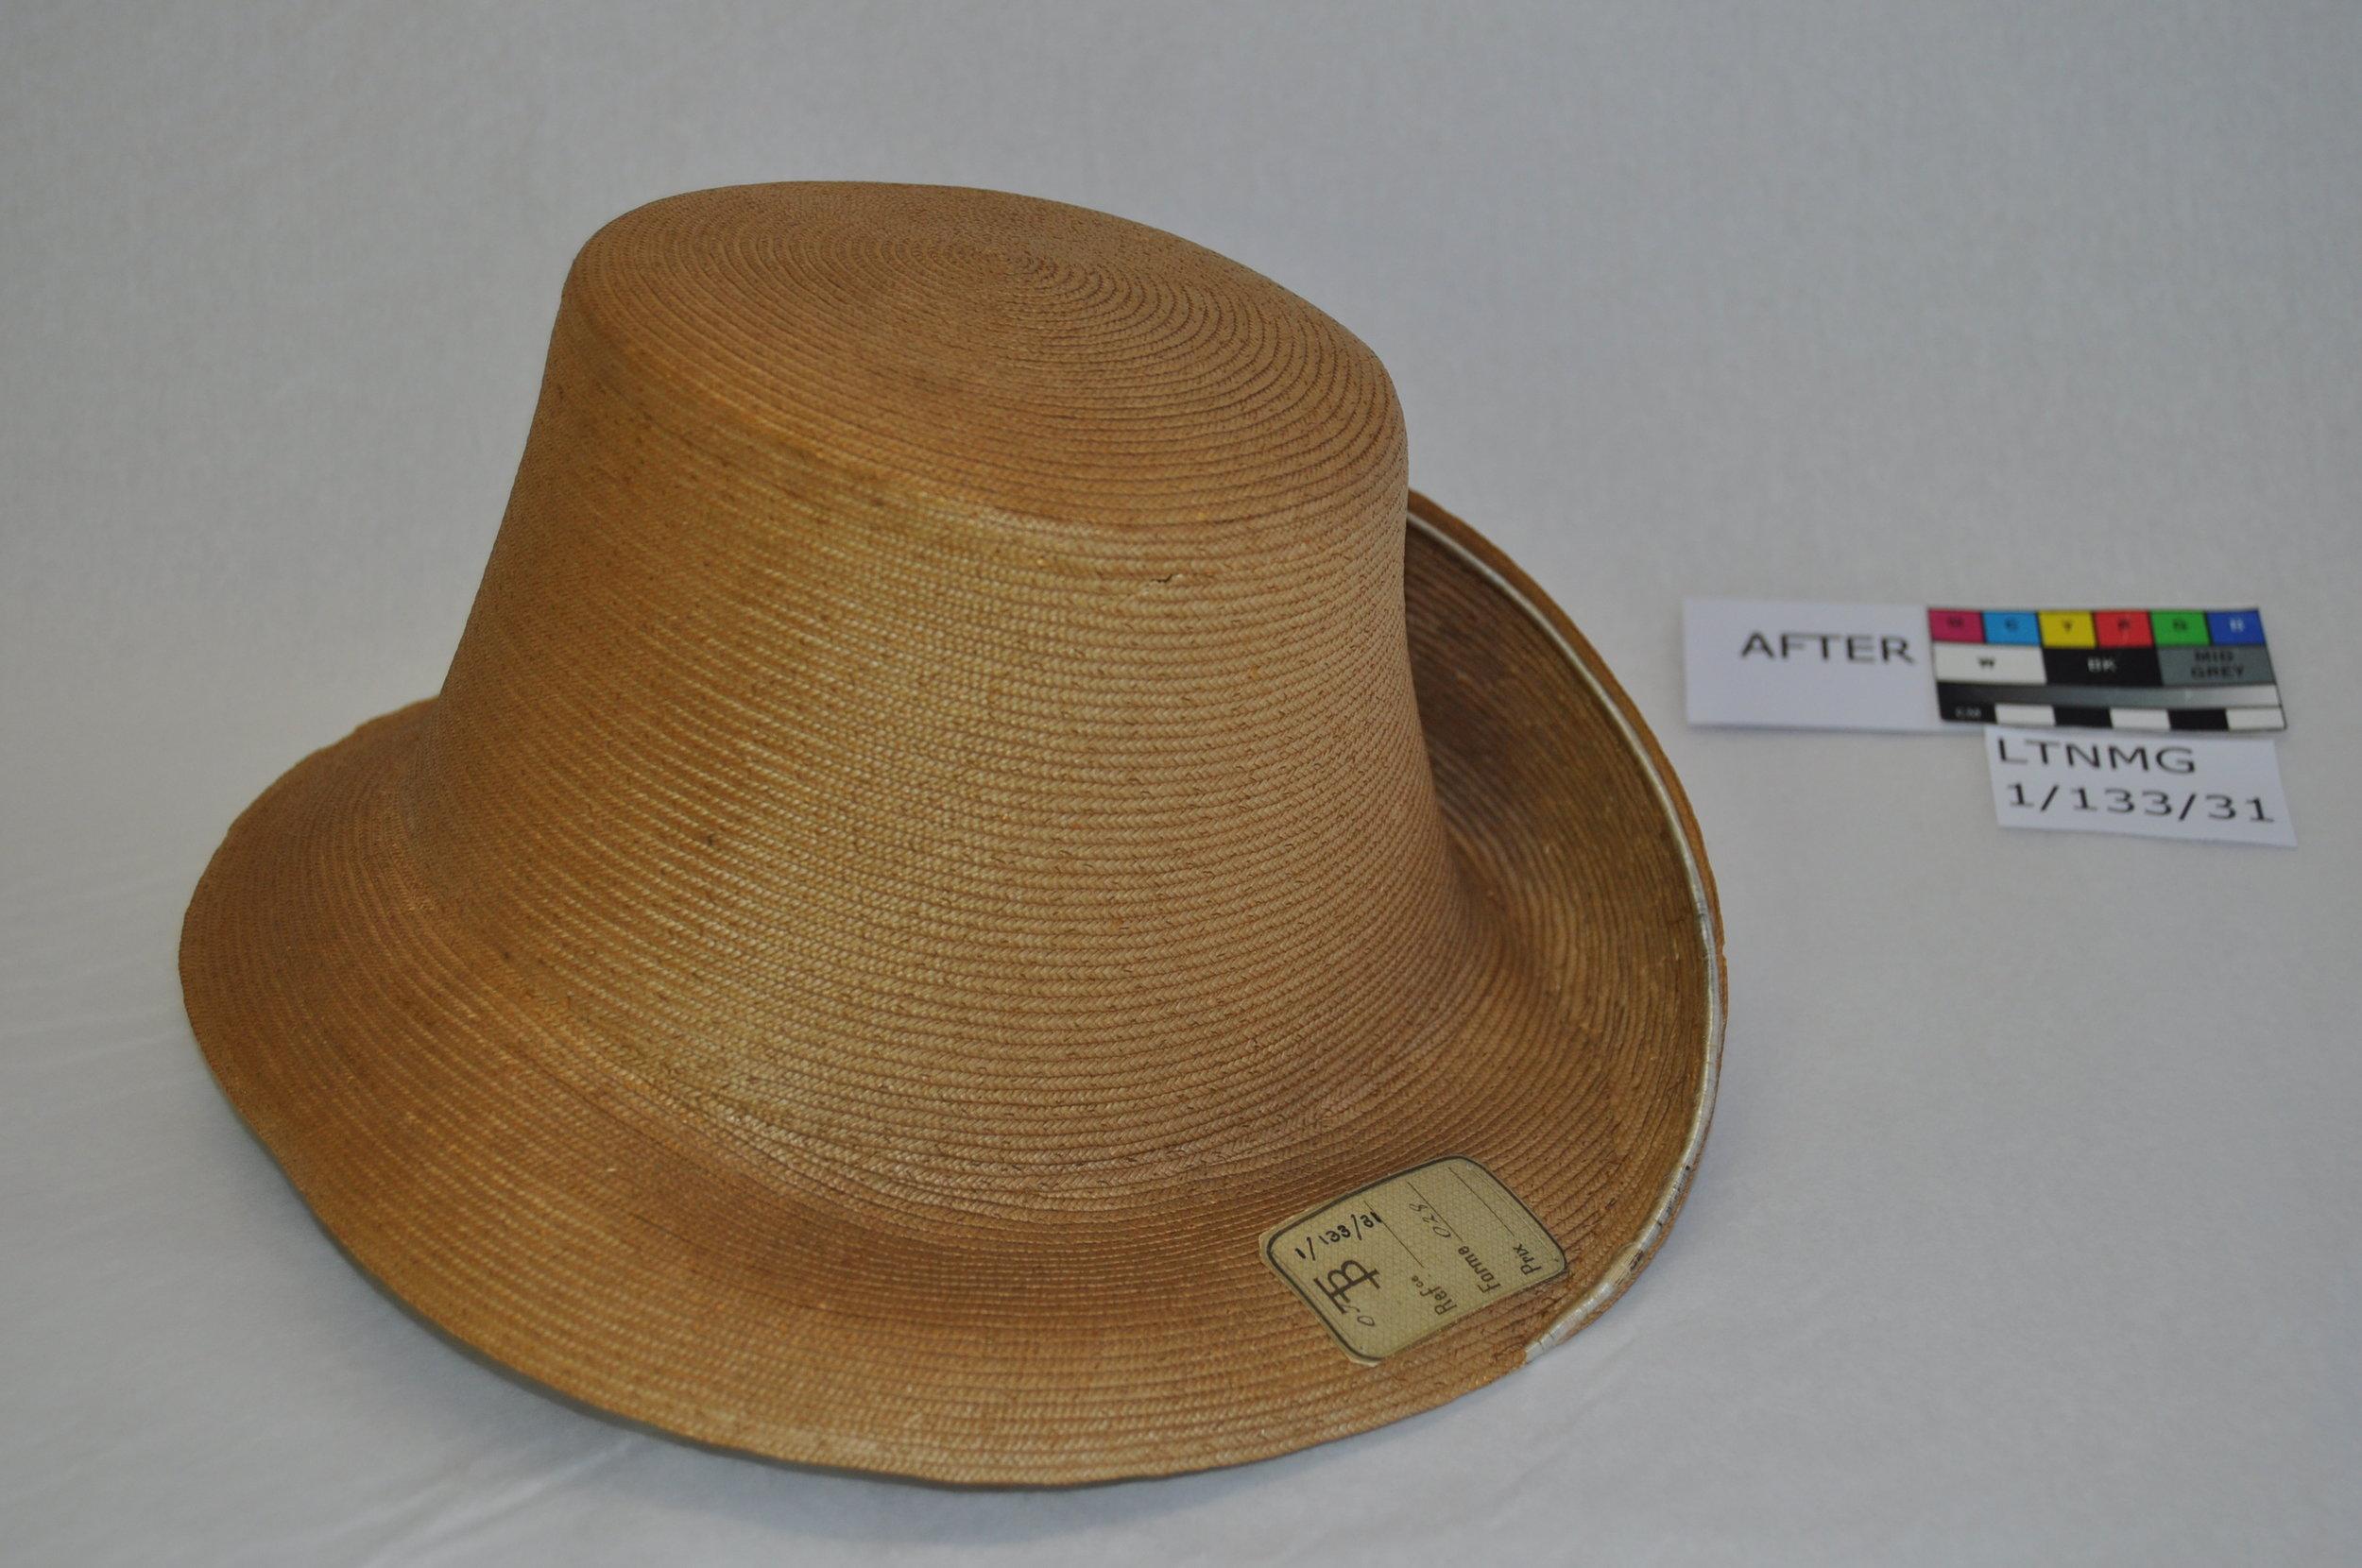 Hat LTNMG 1/133/31, after conservation